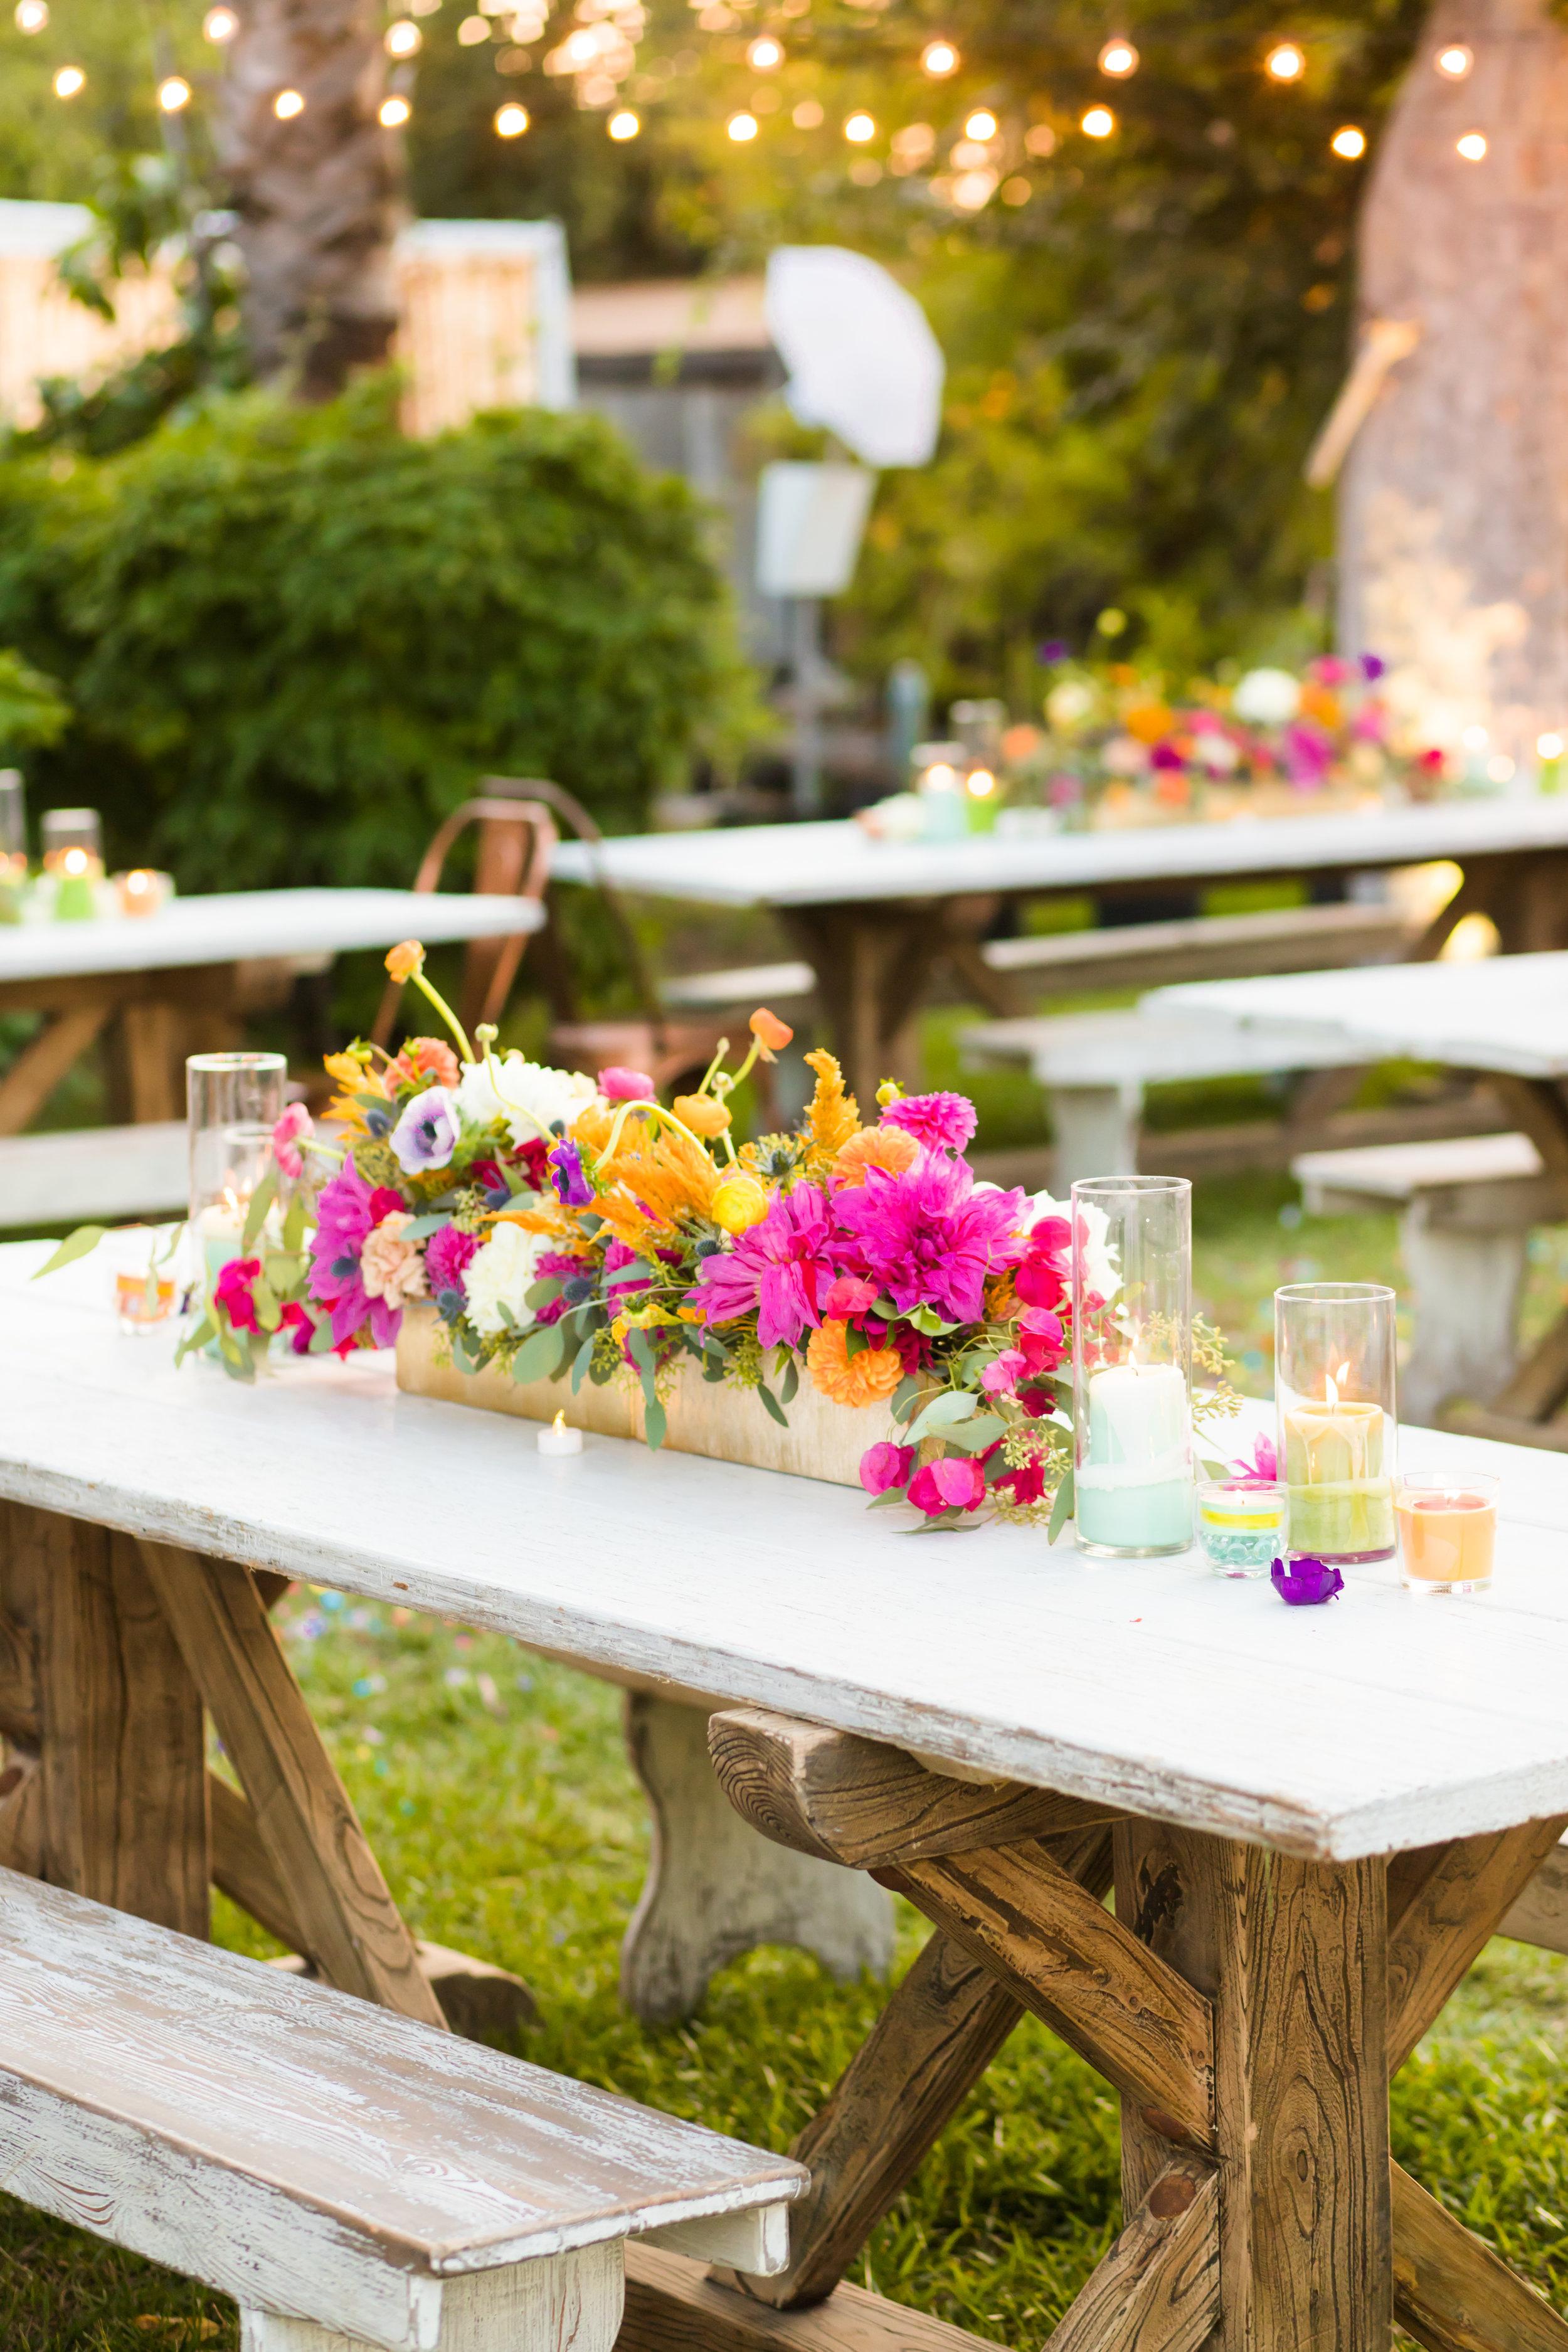 Wedding_flowers_jack-rodriguez_photography